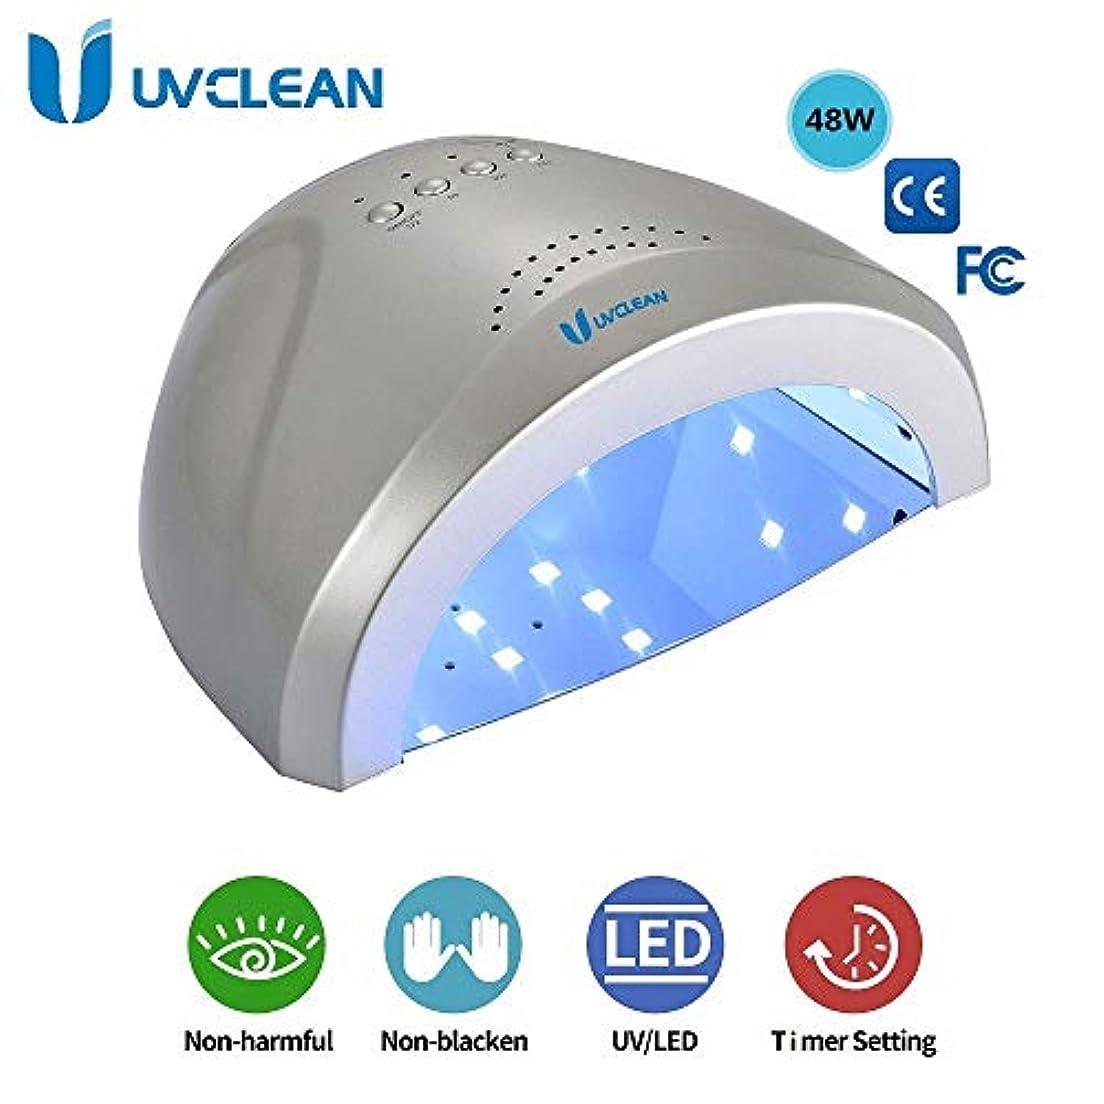 静かにチェスをする川タイマー記憶センサーと2倍速の機能を有する48wのUV LEDネイルランプ、ネイルカラー乾燥機、ネイルカラー硬化ランプ、ネイルサロンランプ (シルバー)